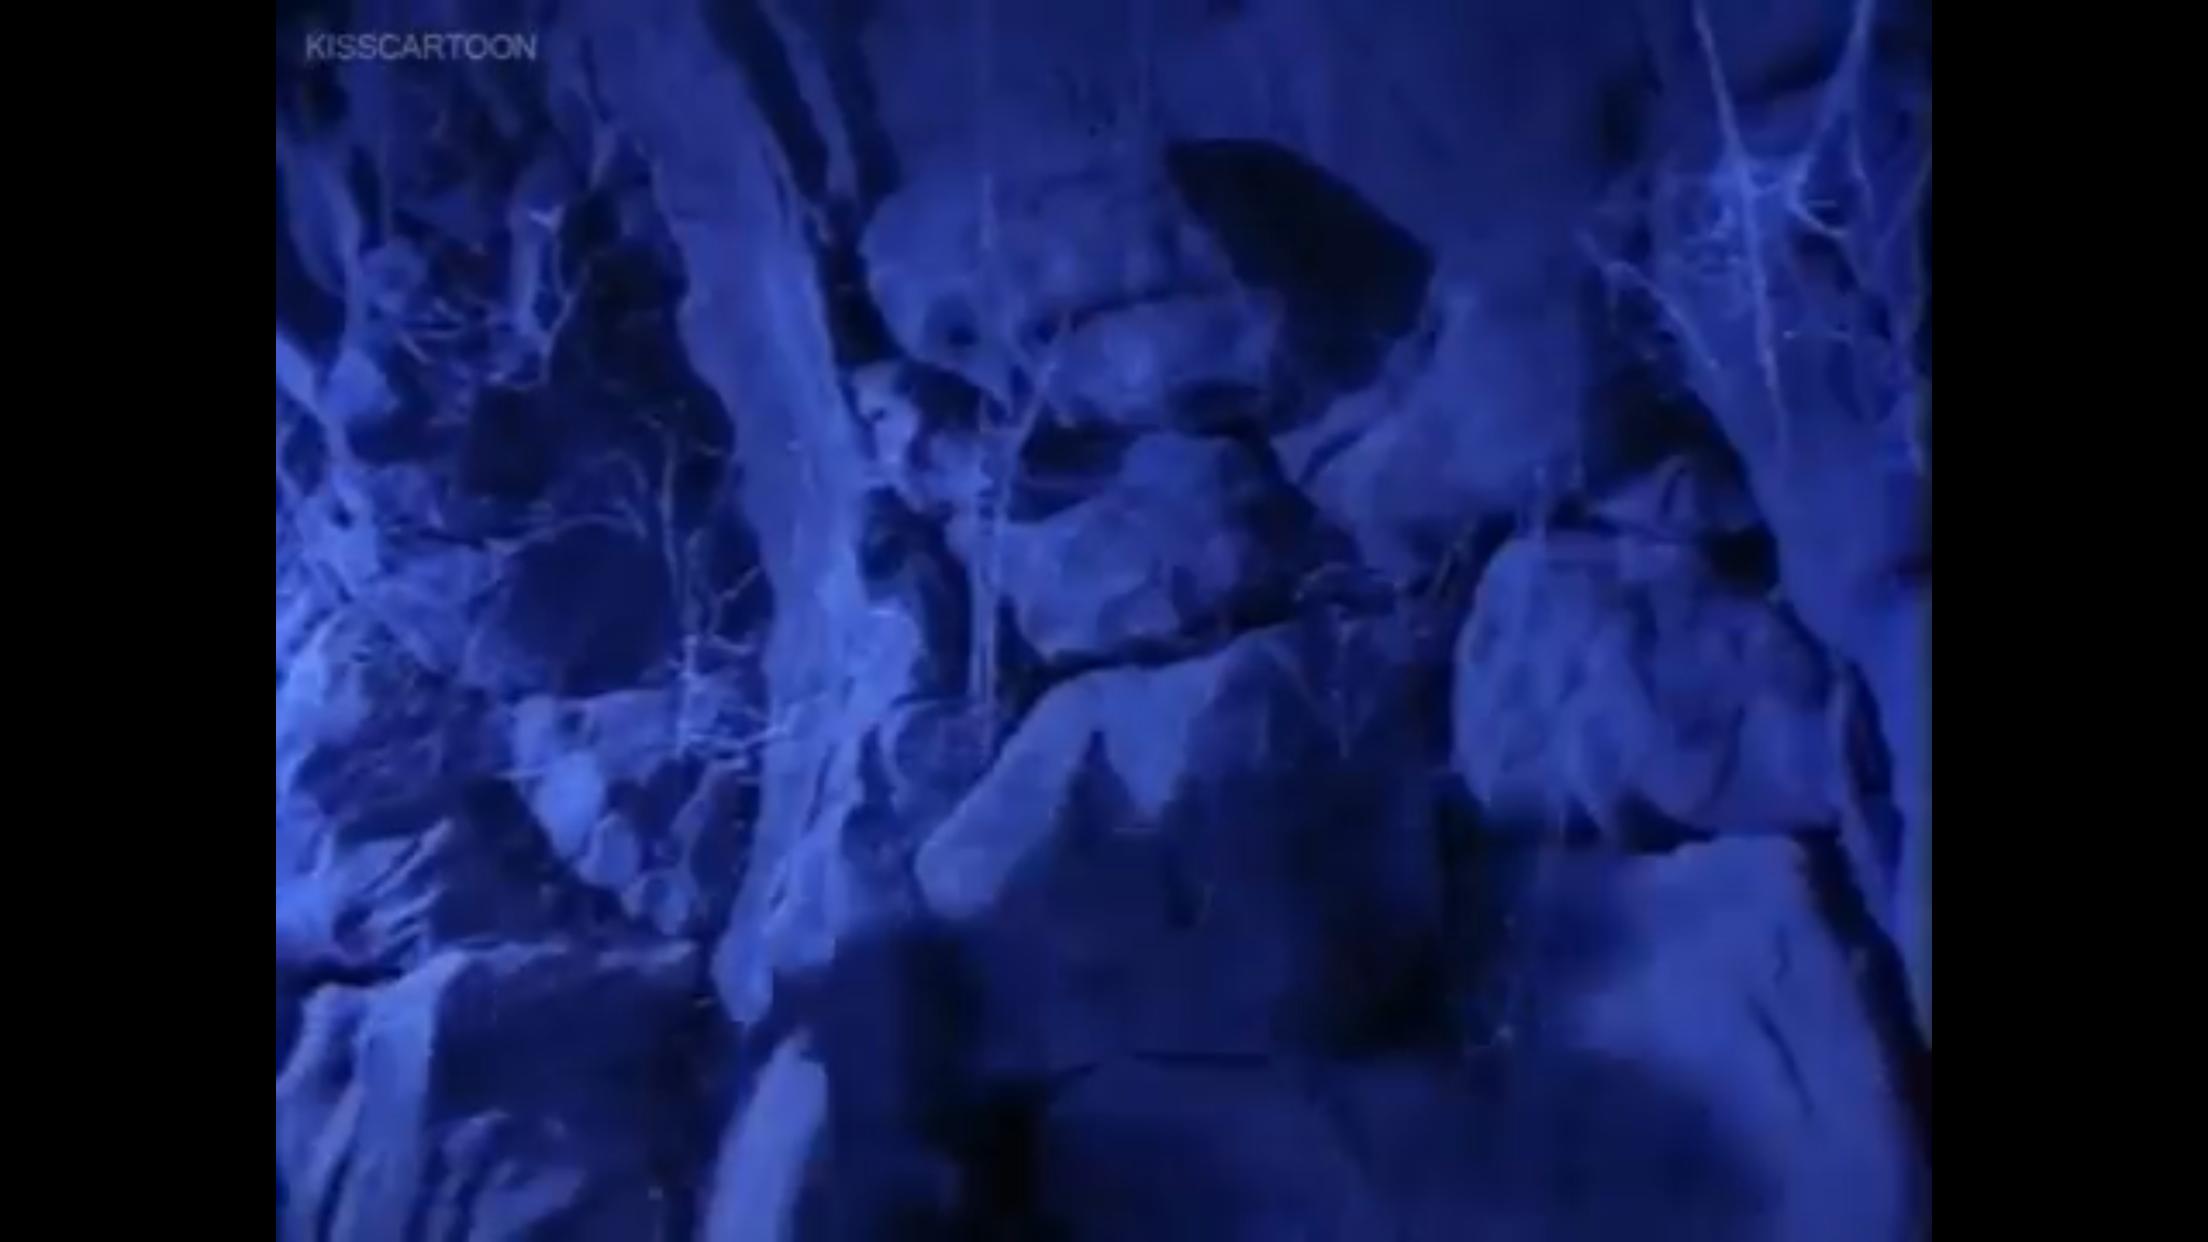 Arachnofiend's Underground Lair